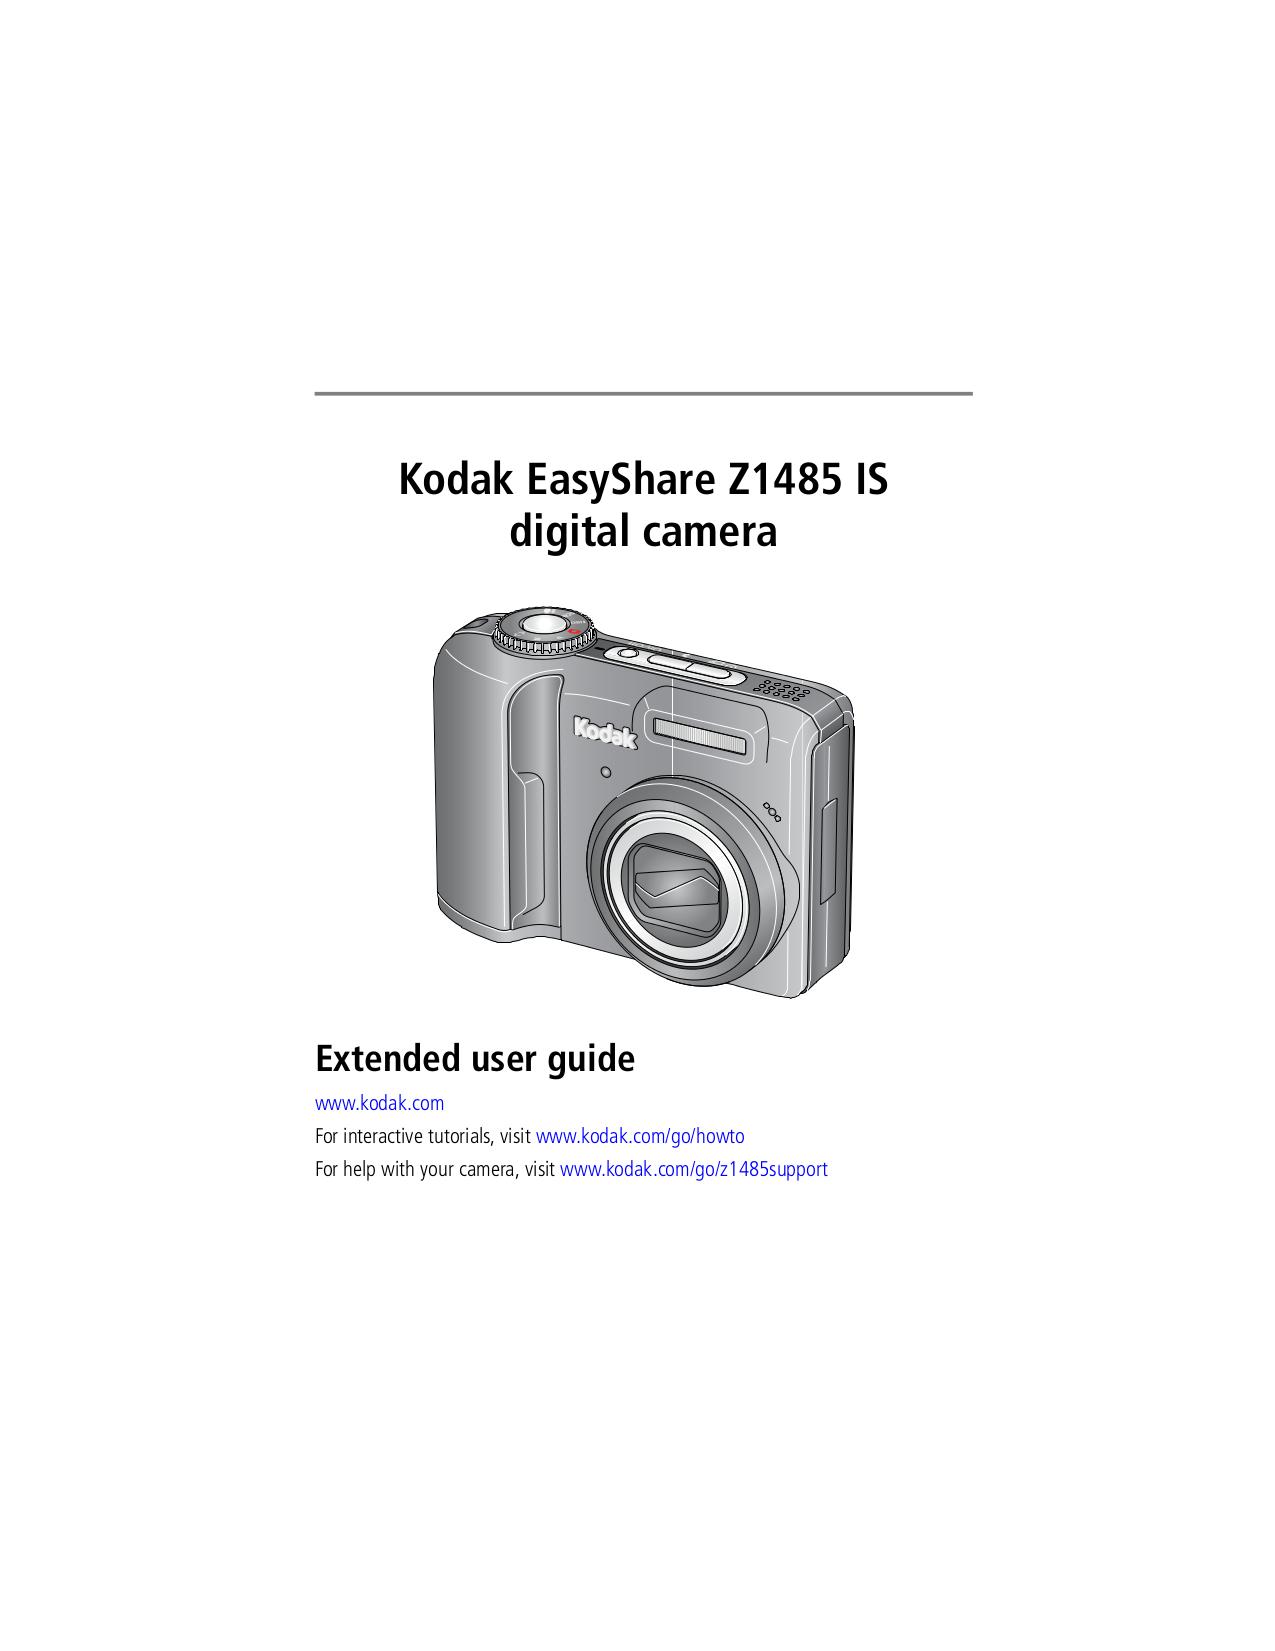 pdf for Kodak Digital Camera EasyShare Z1485 manual